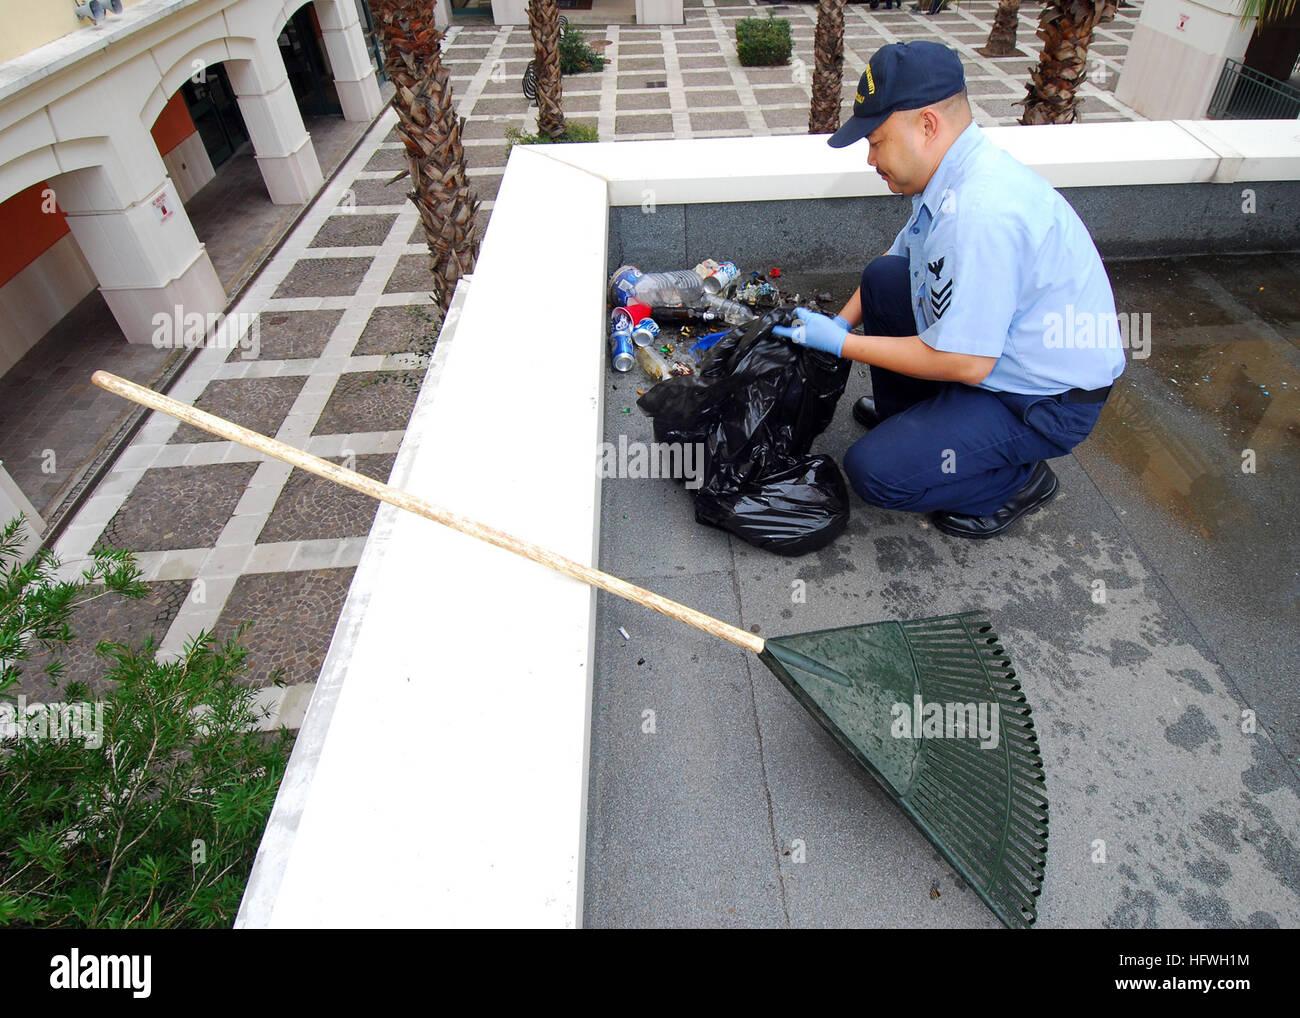 """081107-N-4044H-015 en Nápoles, Italia (Nov. 7, 2008) Especialista culinario de primera clase Gualberto Magdaluyo recoge la basura en un montón para recogedor durante la licenciatura del primer """"caja de limpieza vecinal"""". La limpieza está diseñado para mejorar la calidad de vida de todos los miembros que residen en los cuarteles. (U.S Navy foto por especialista en comunicación de masas 3ª clase Eddie Harrison/liberado) US Navy 081107-N-4044H-015 ulinary especialista de primera clase Gualberto Magdaluyo recoge la basura en un montón para recogida durante la primera caja de licenciatura Foto de stock"""